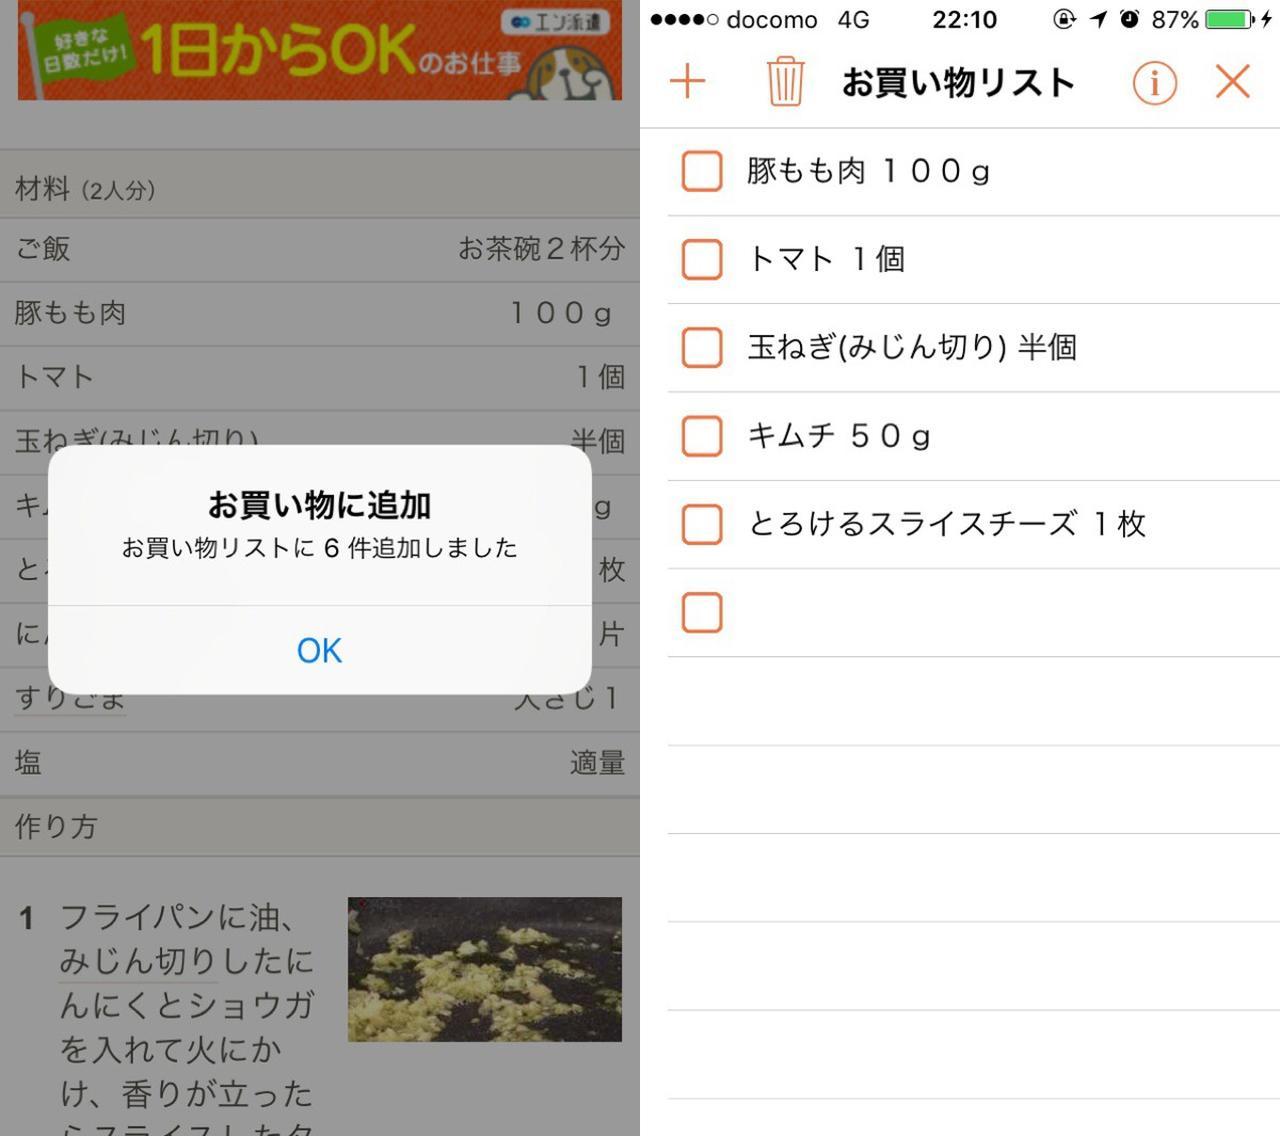 画像2: レシピサイトをまたいでも簡単登録!お買い物リストが便利!